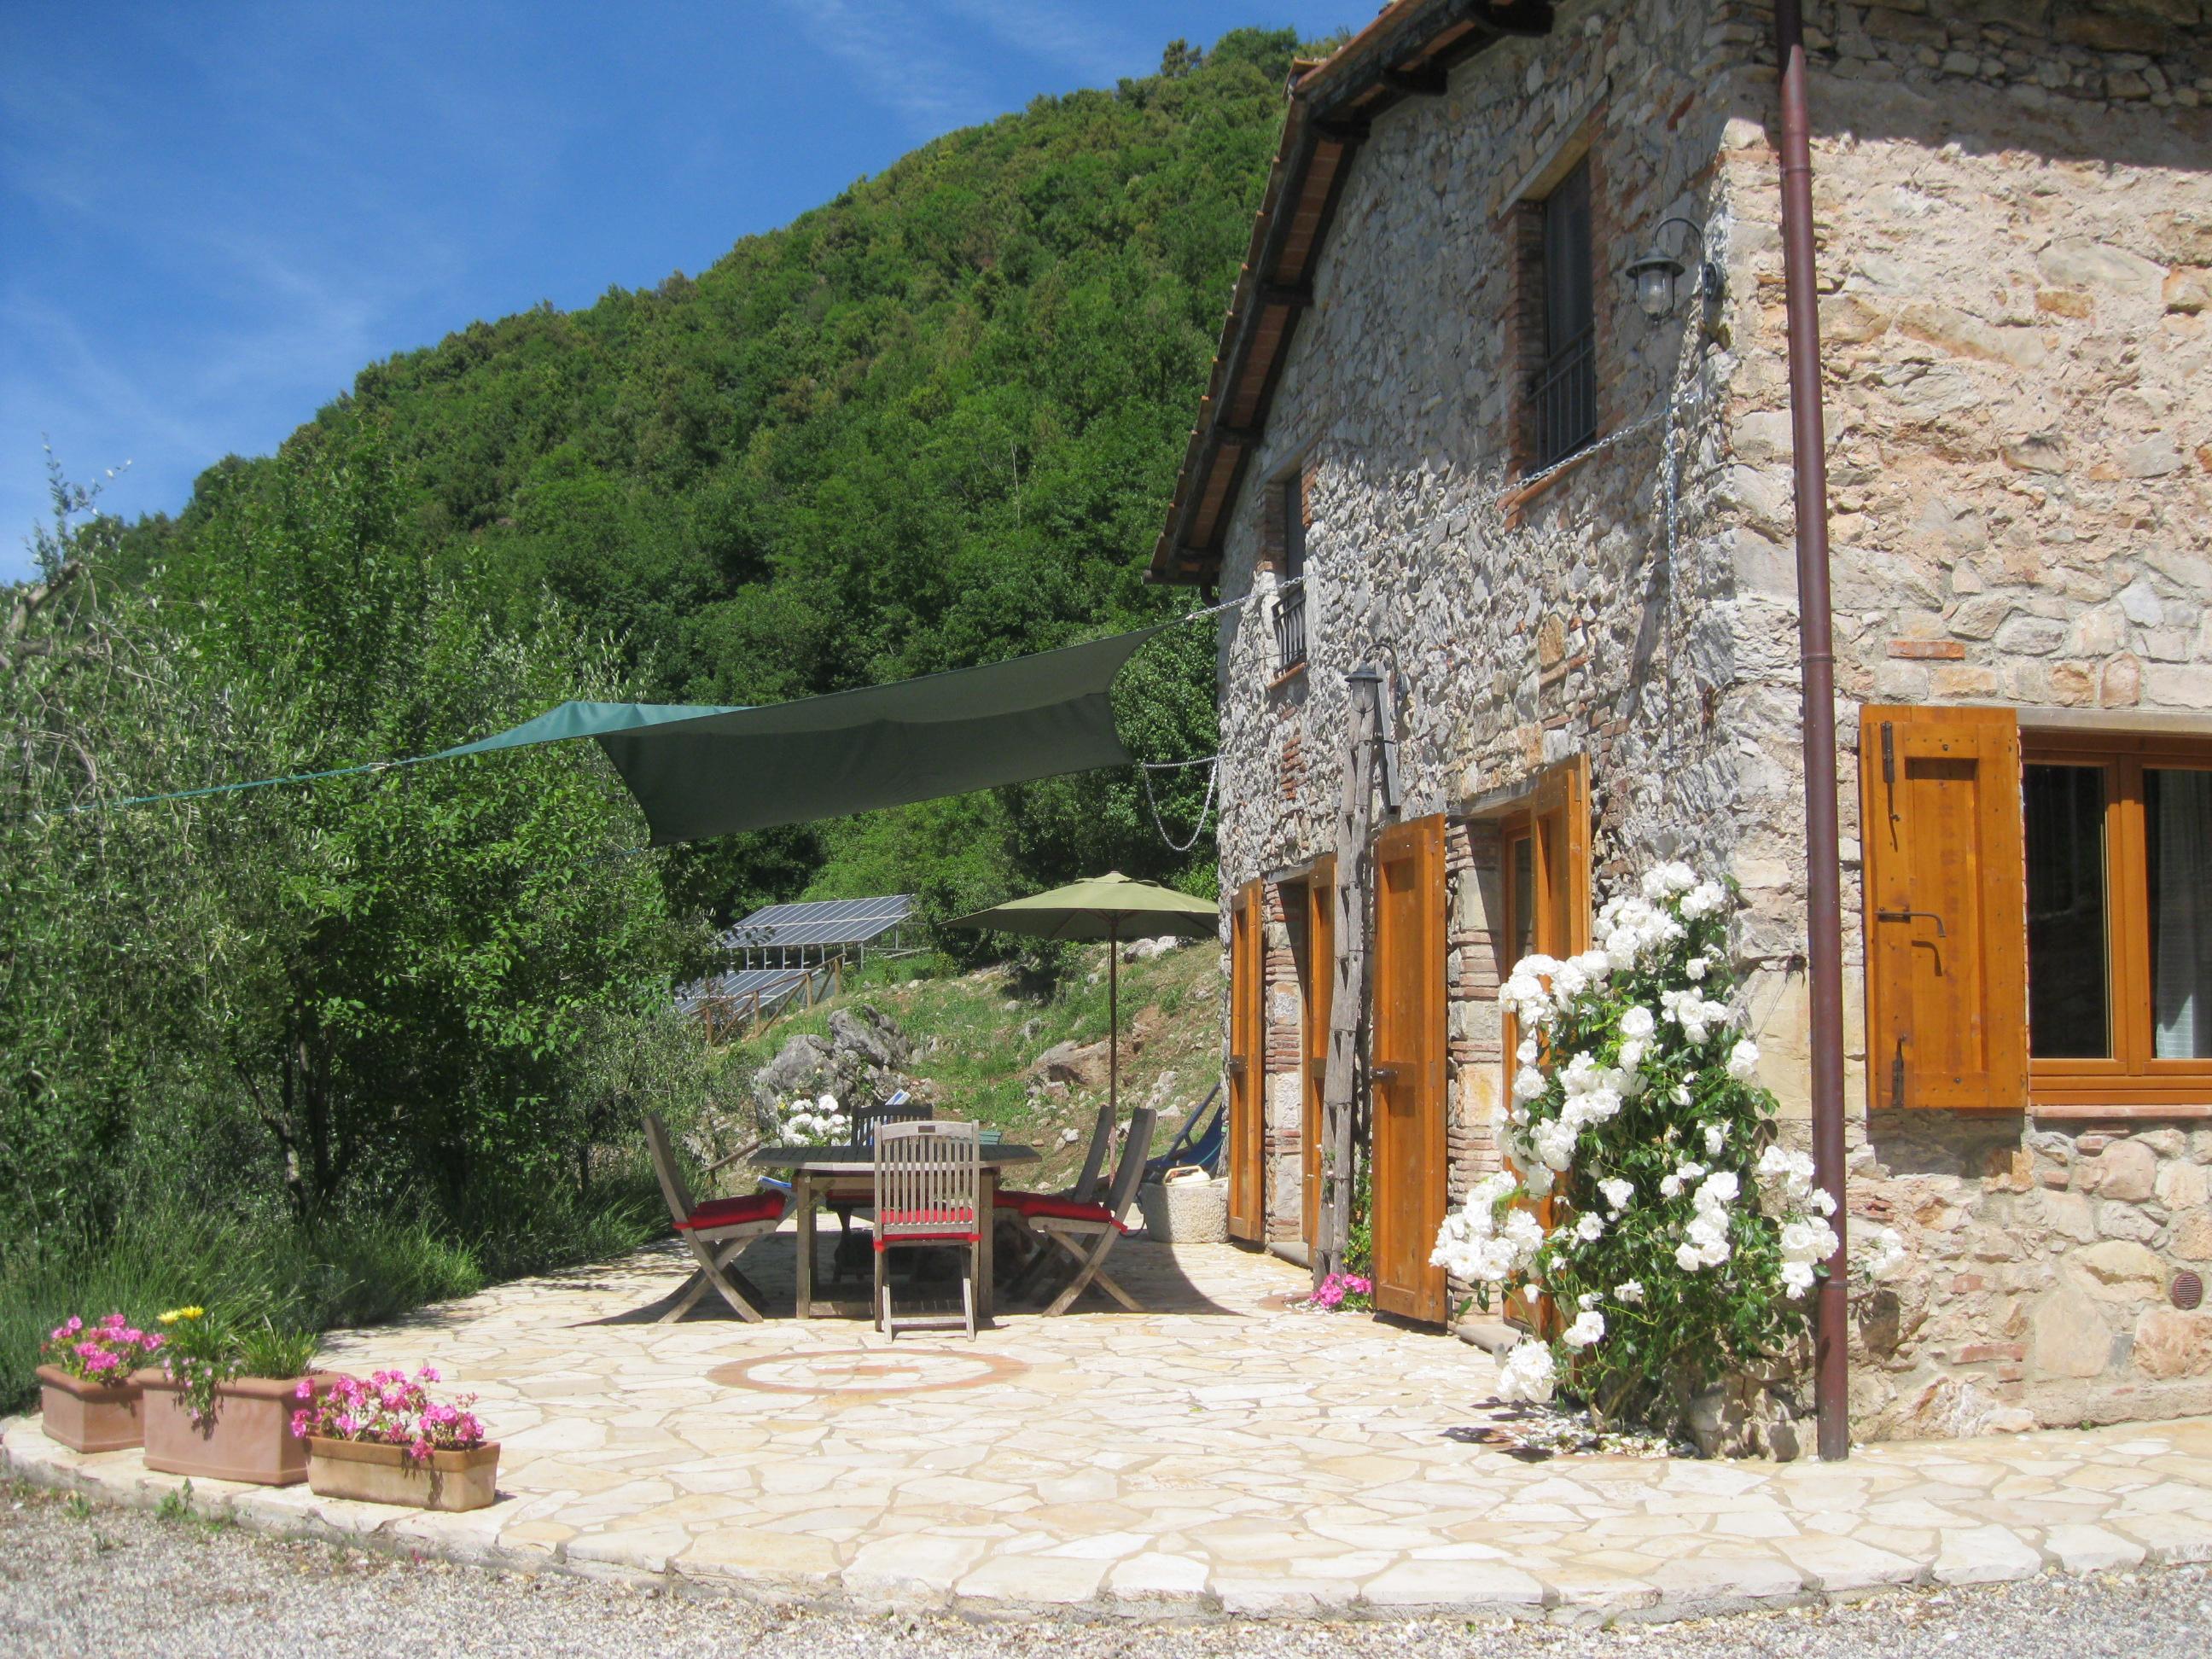 La Casa_front south terrace